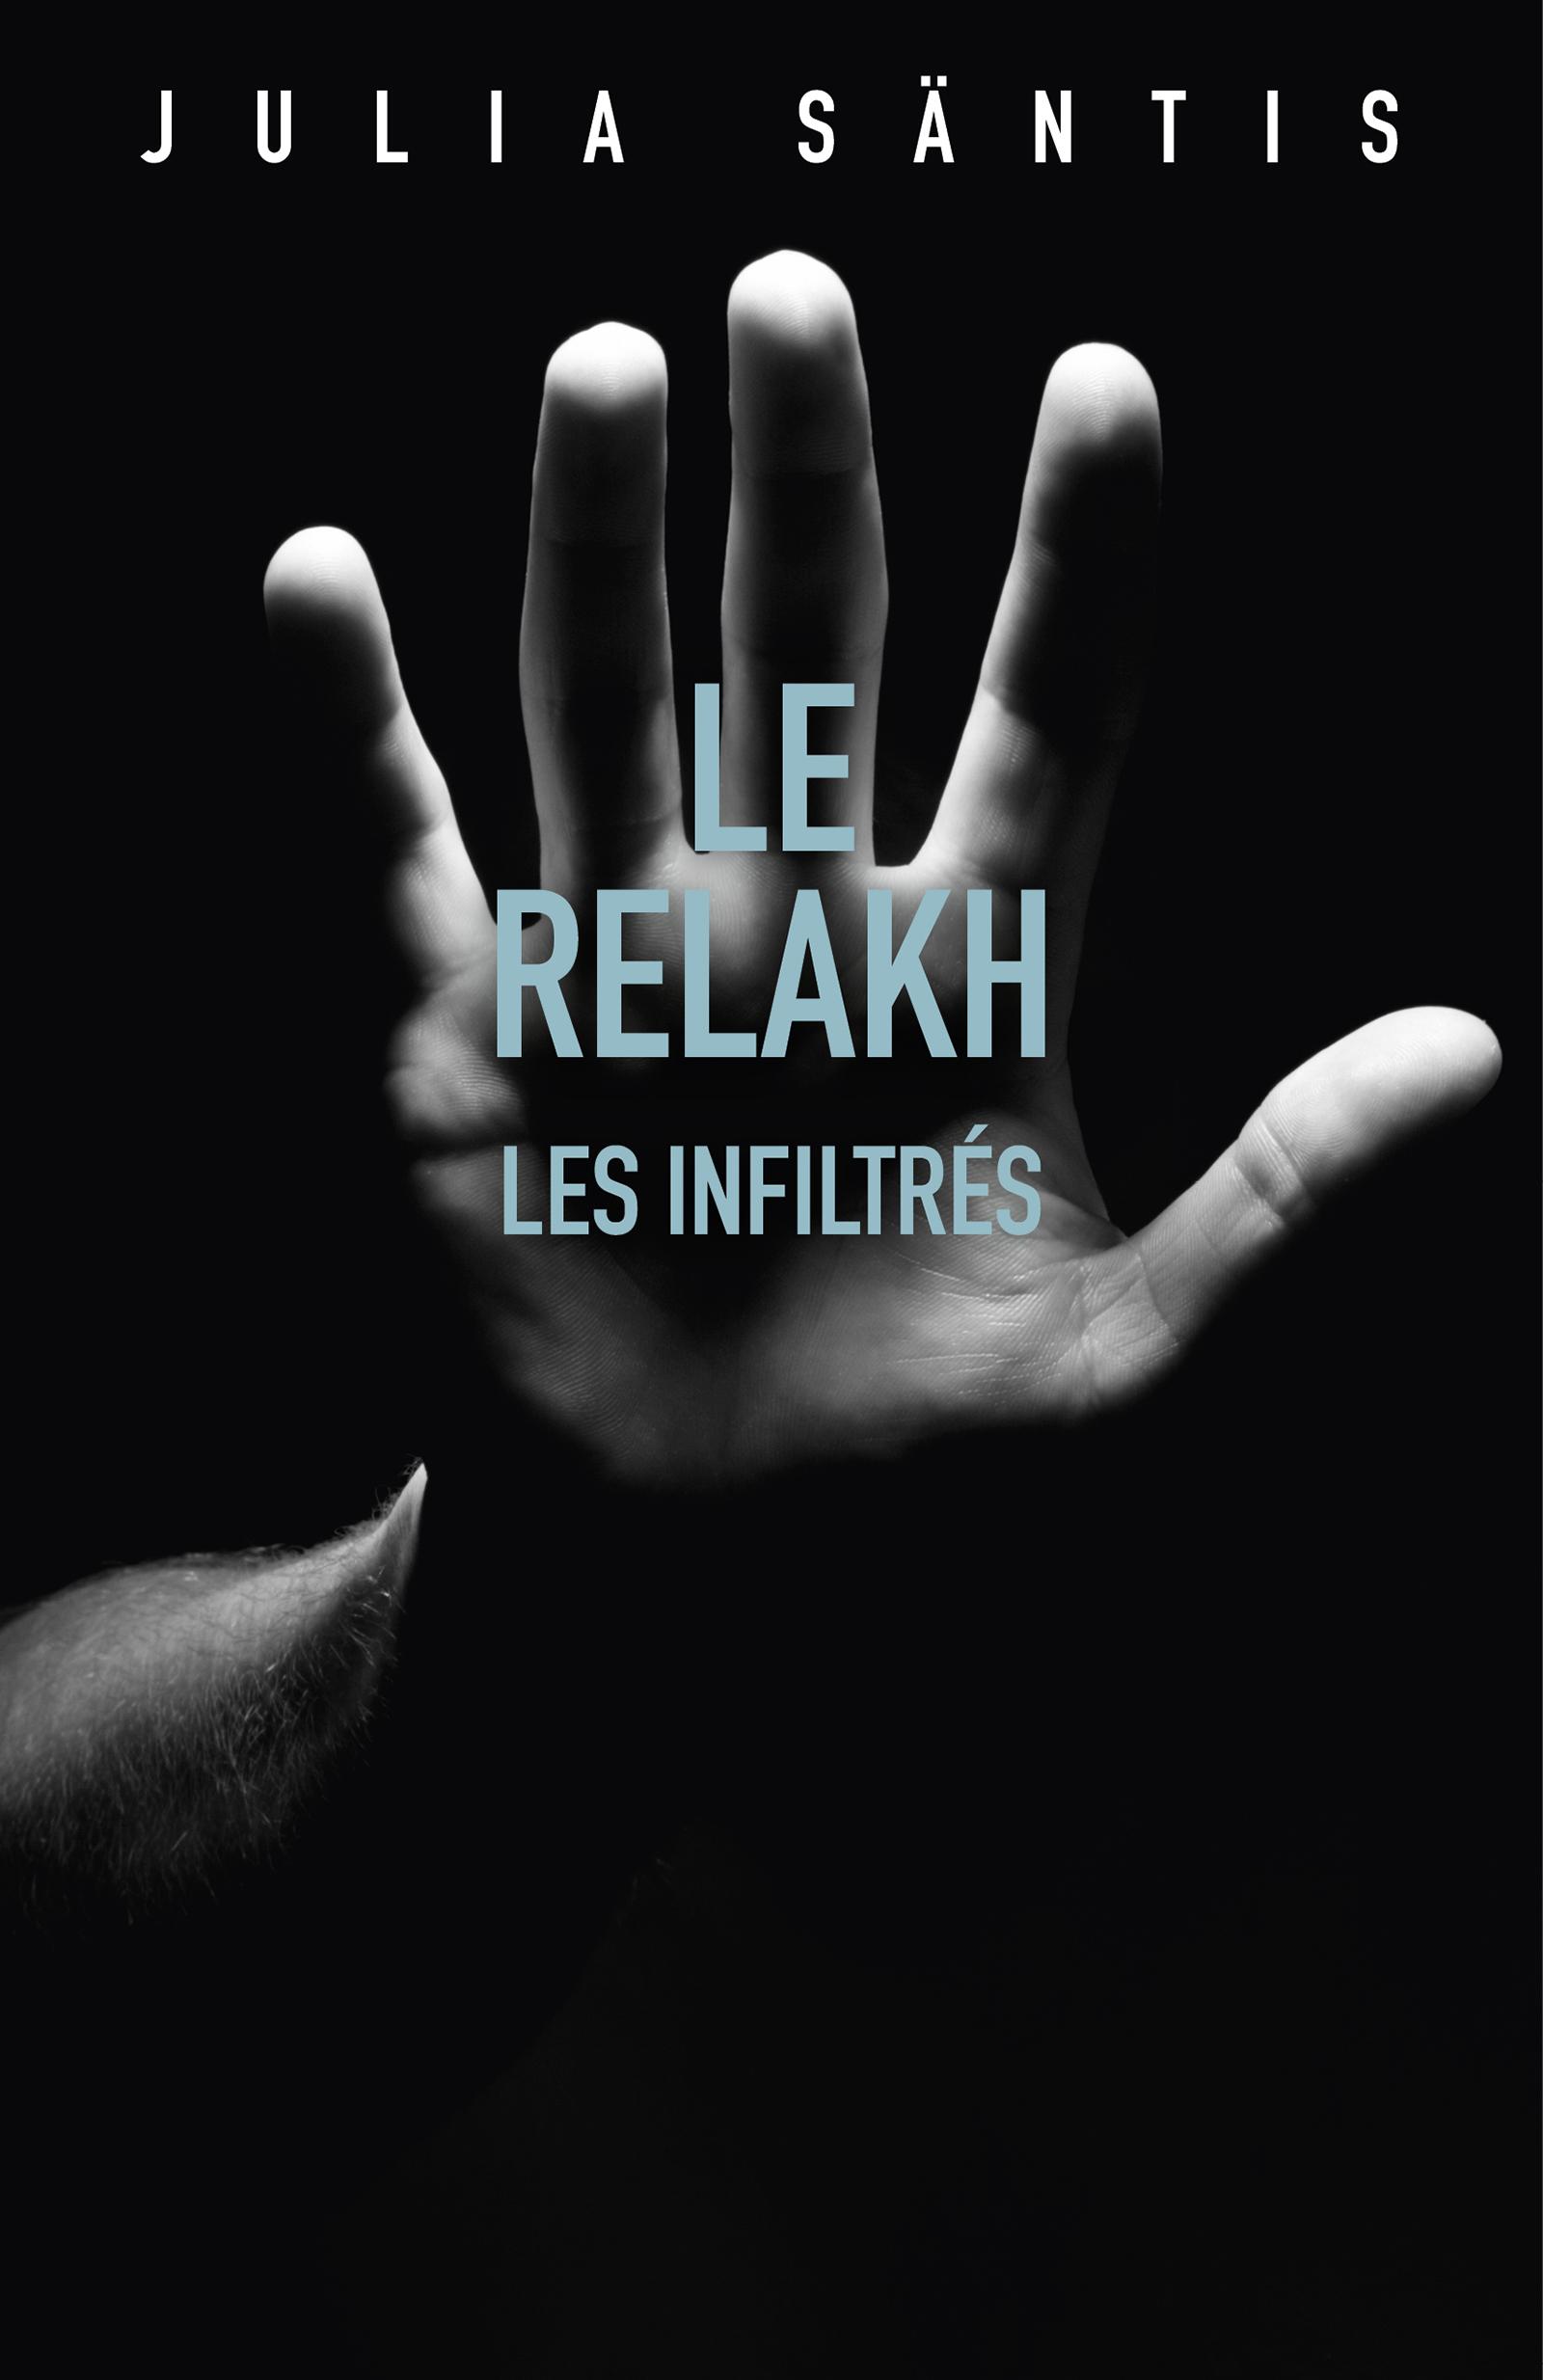 Le Relakh : Les infiltrés